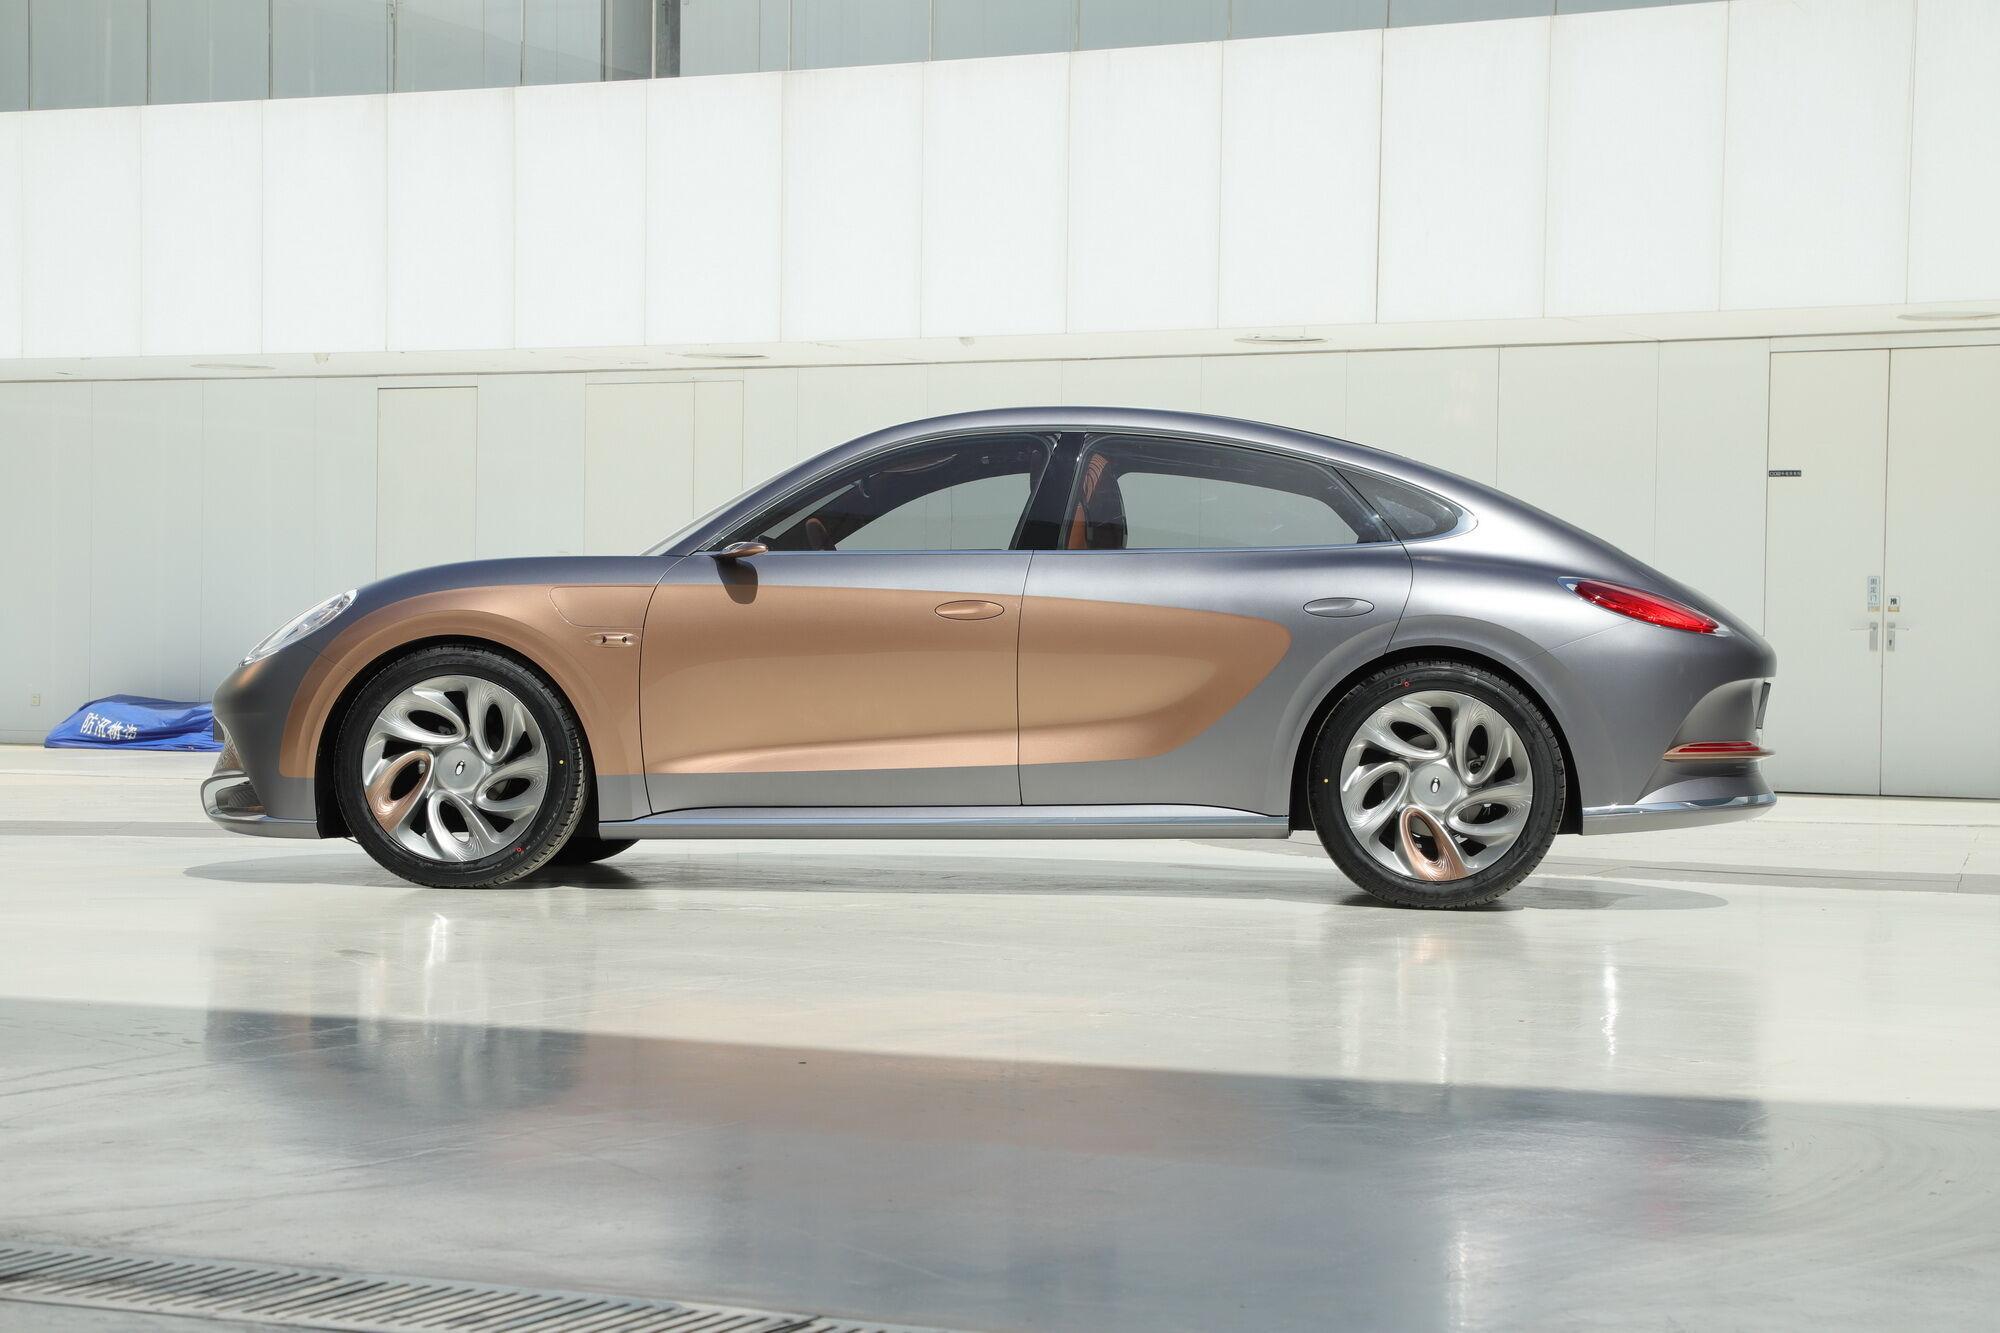 Автомобиль имеет достаточно солидную колесную базу 2800 мм